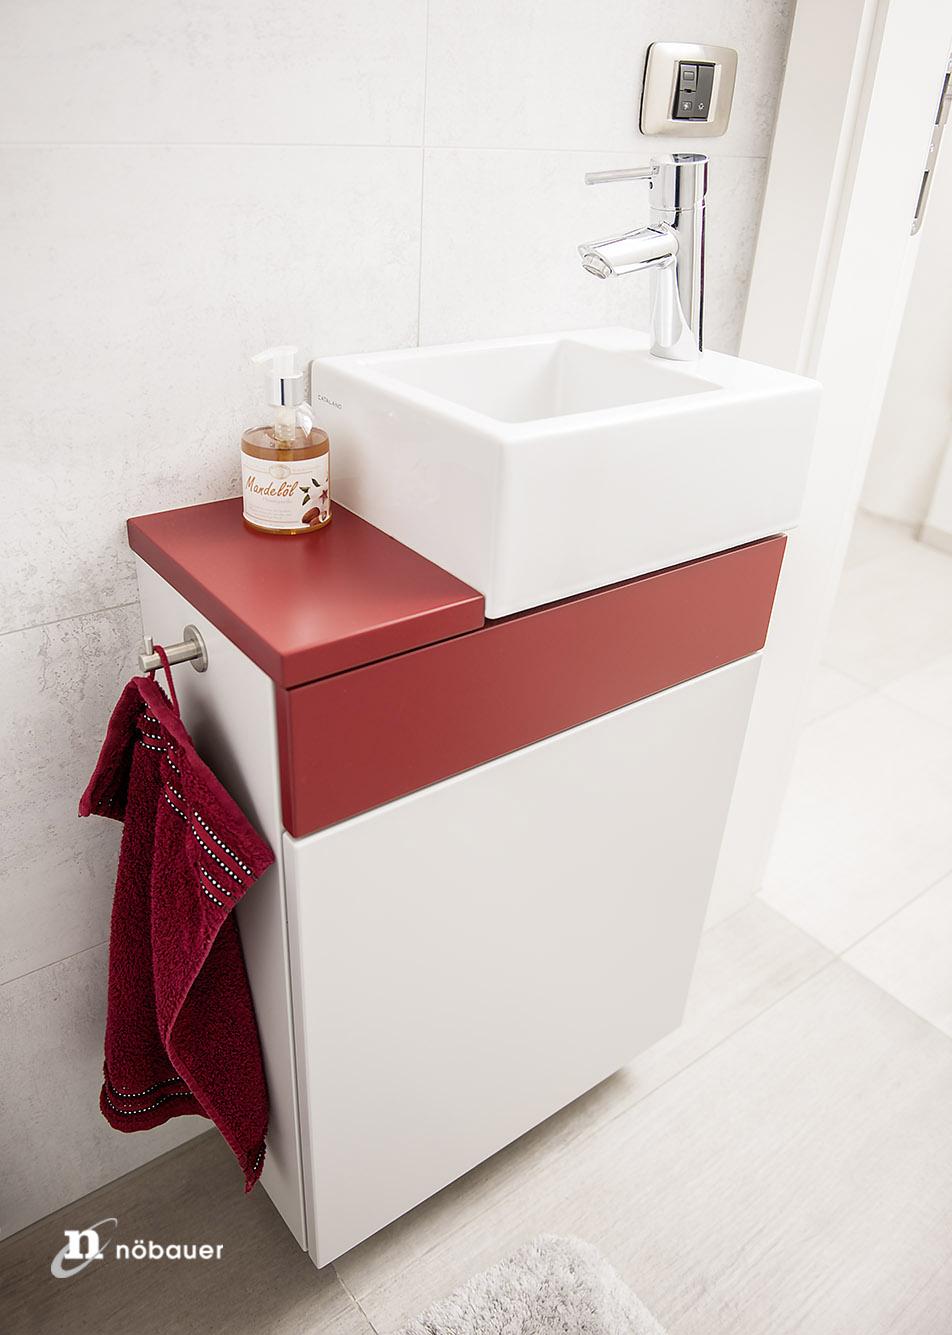 m bel f r kleines badezimmer platzsparende bad l sung. Black Bedroom Furniture Sets. Home Design Ideas